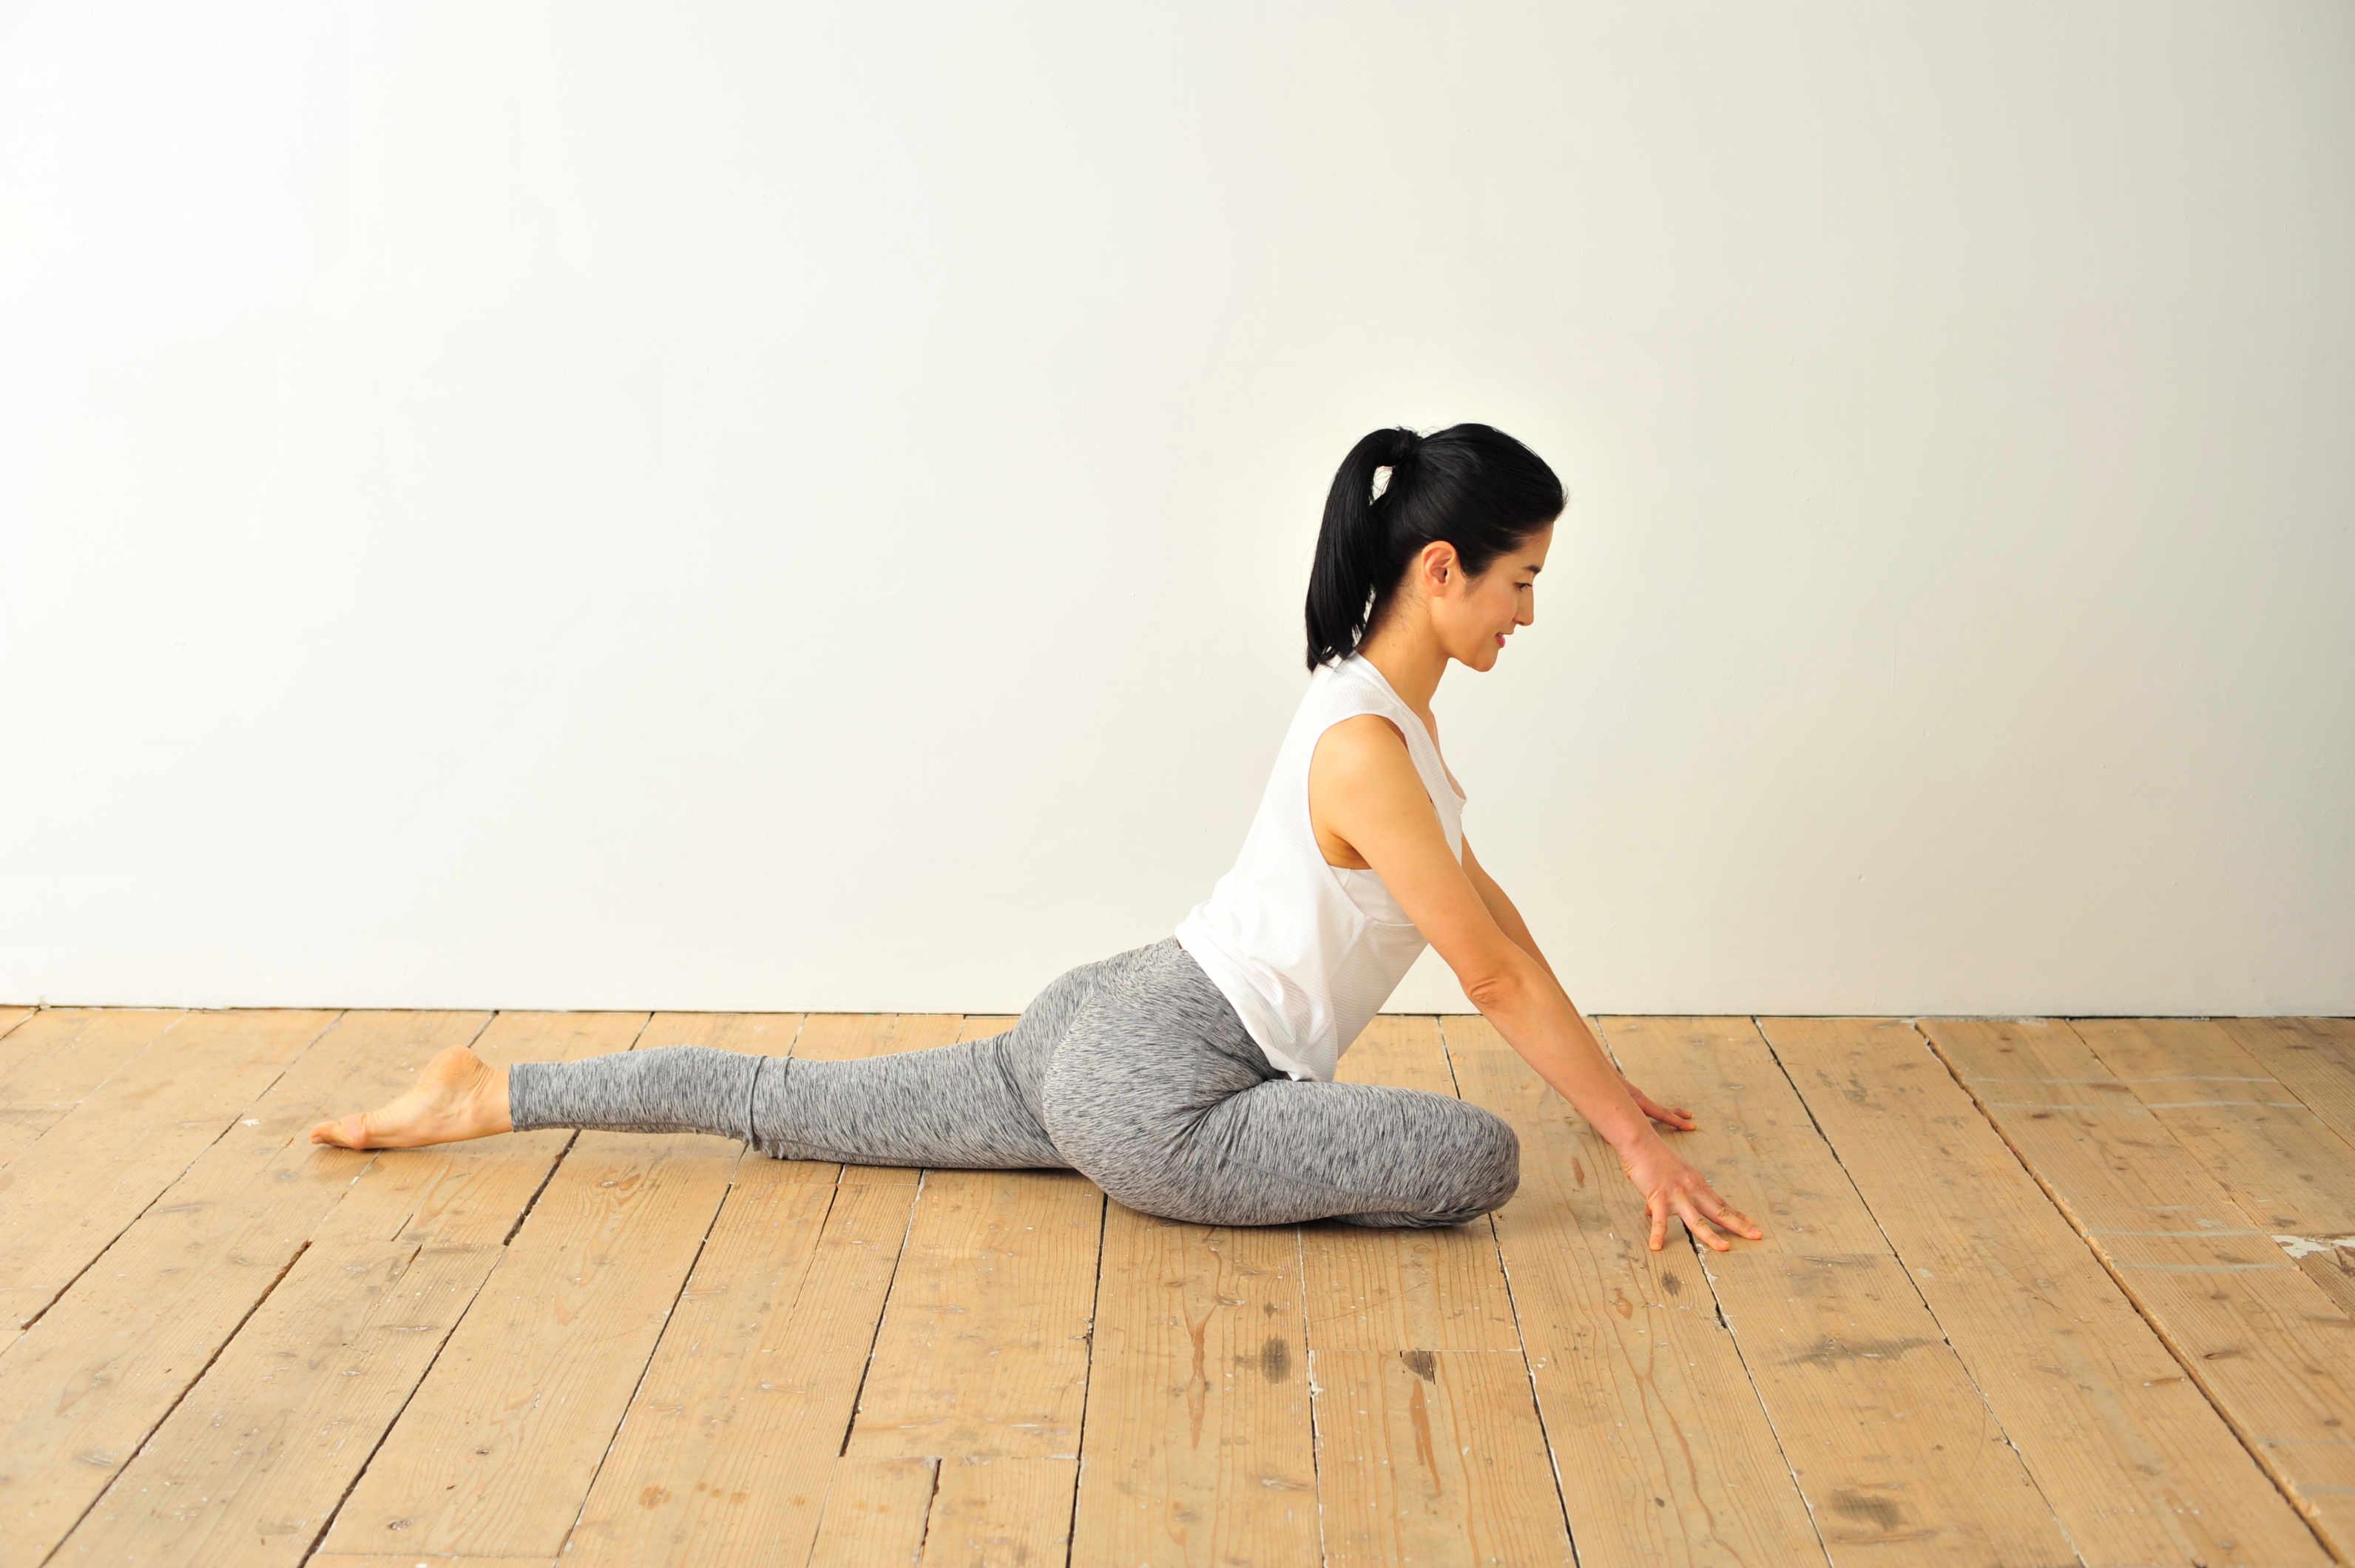 片脚をうしろにして股関節を伸ばす